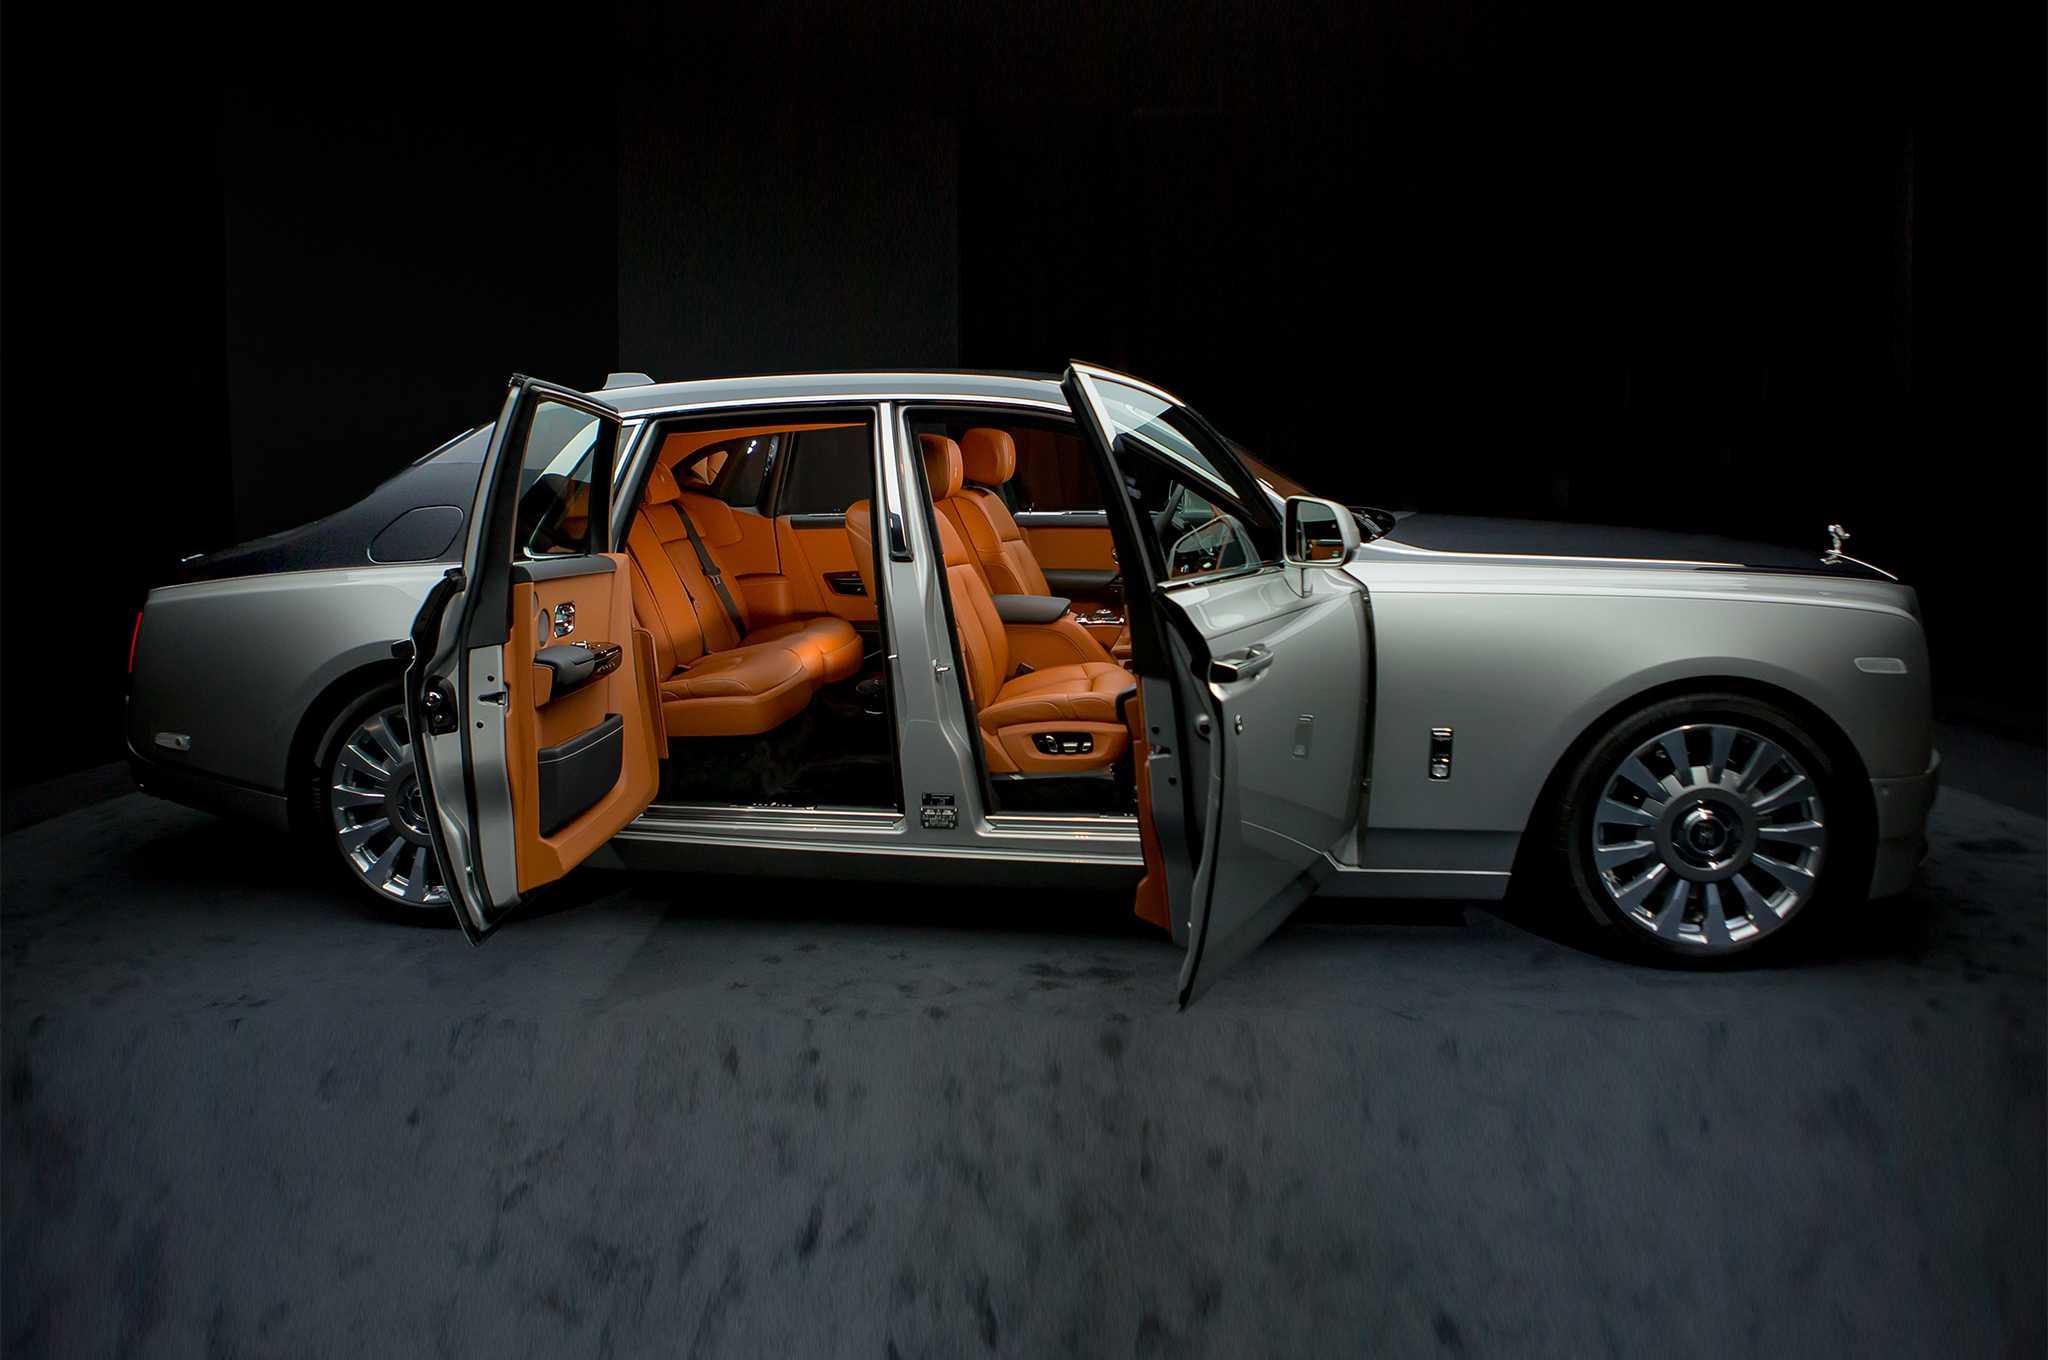 New 2018 Rolls Royce Phantom Raises The Bar For Opulence